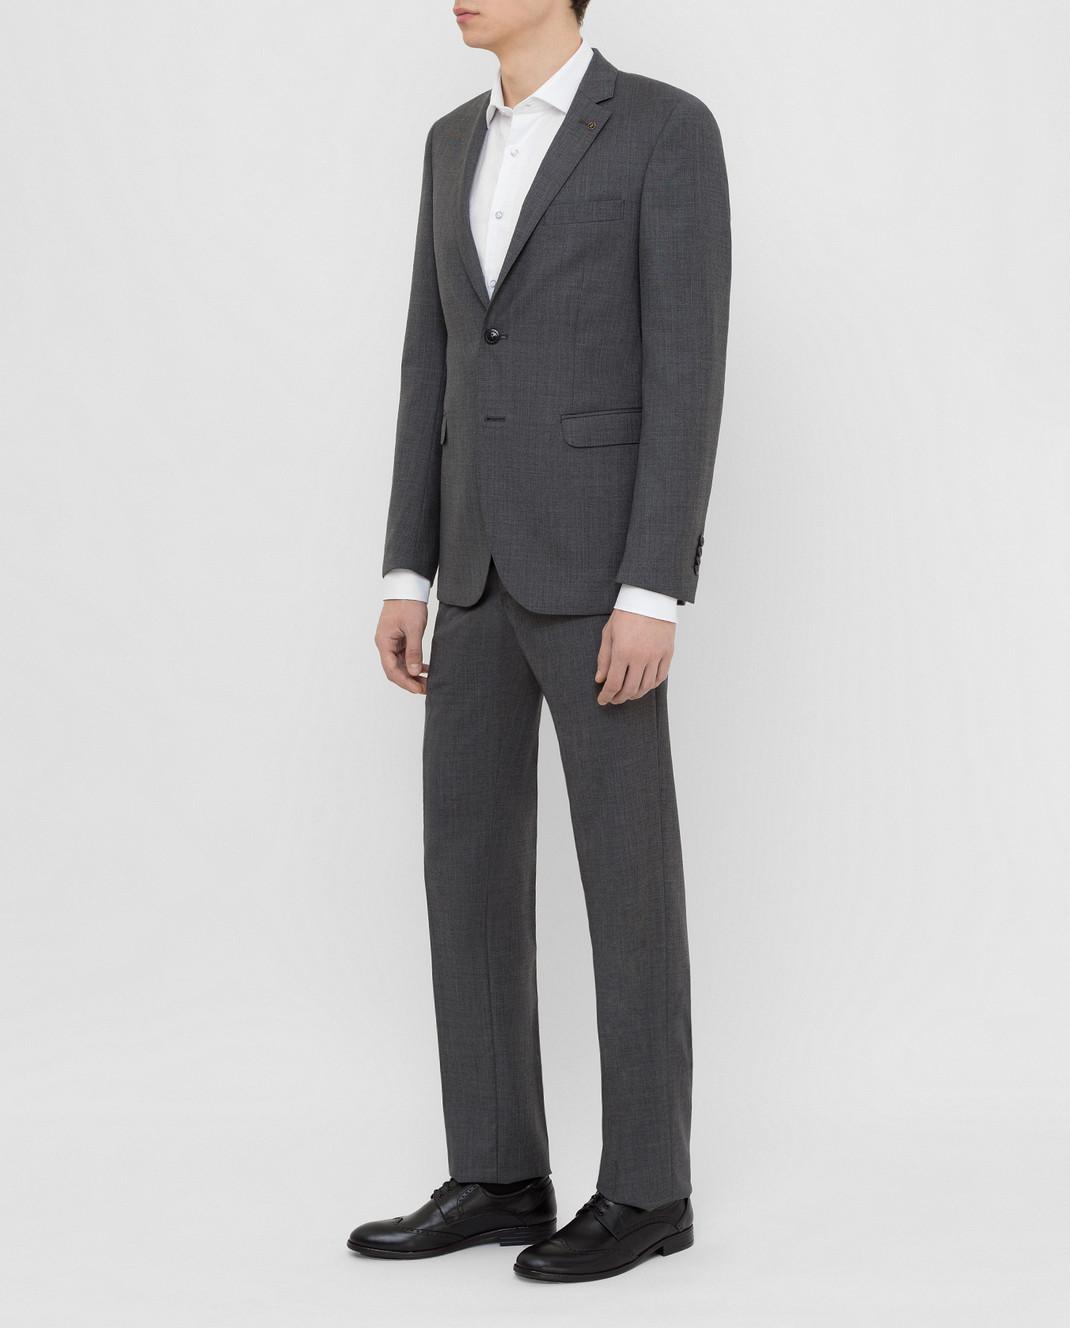 Florentino Темно-серый костюм из шерсти 219852960903 изображение 3